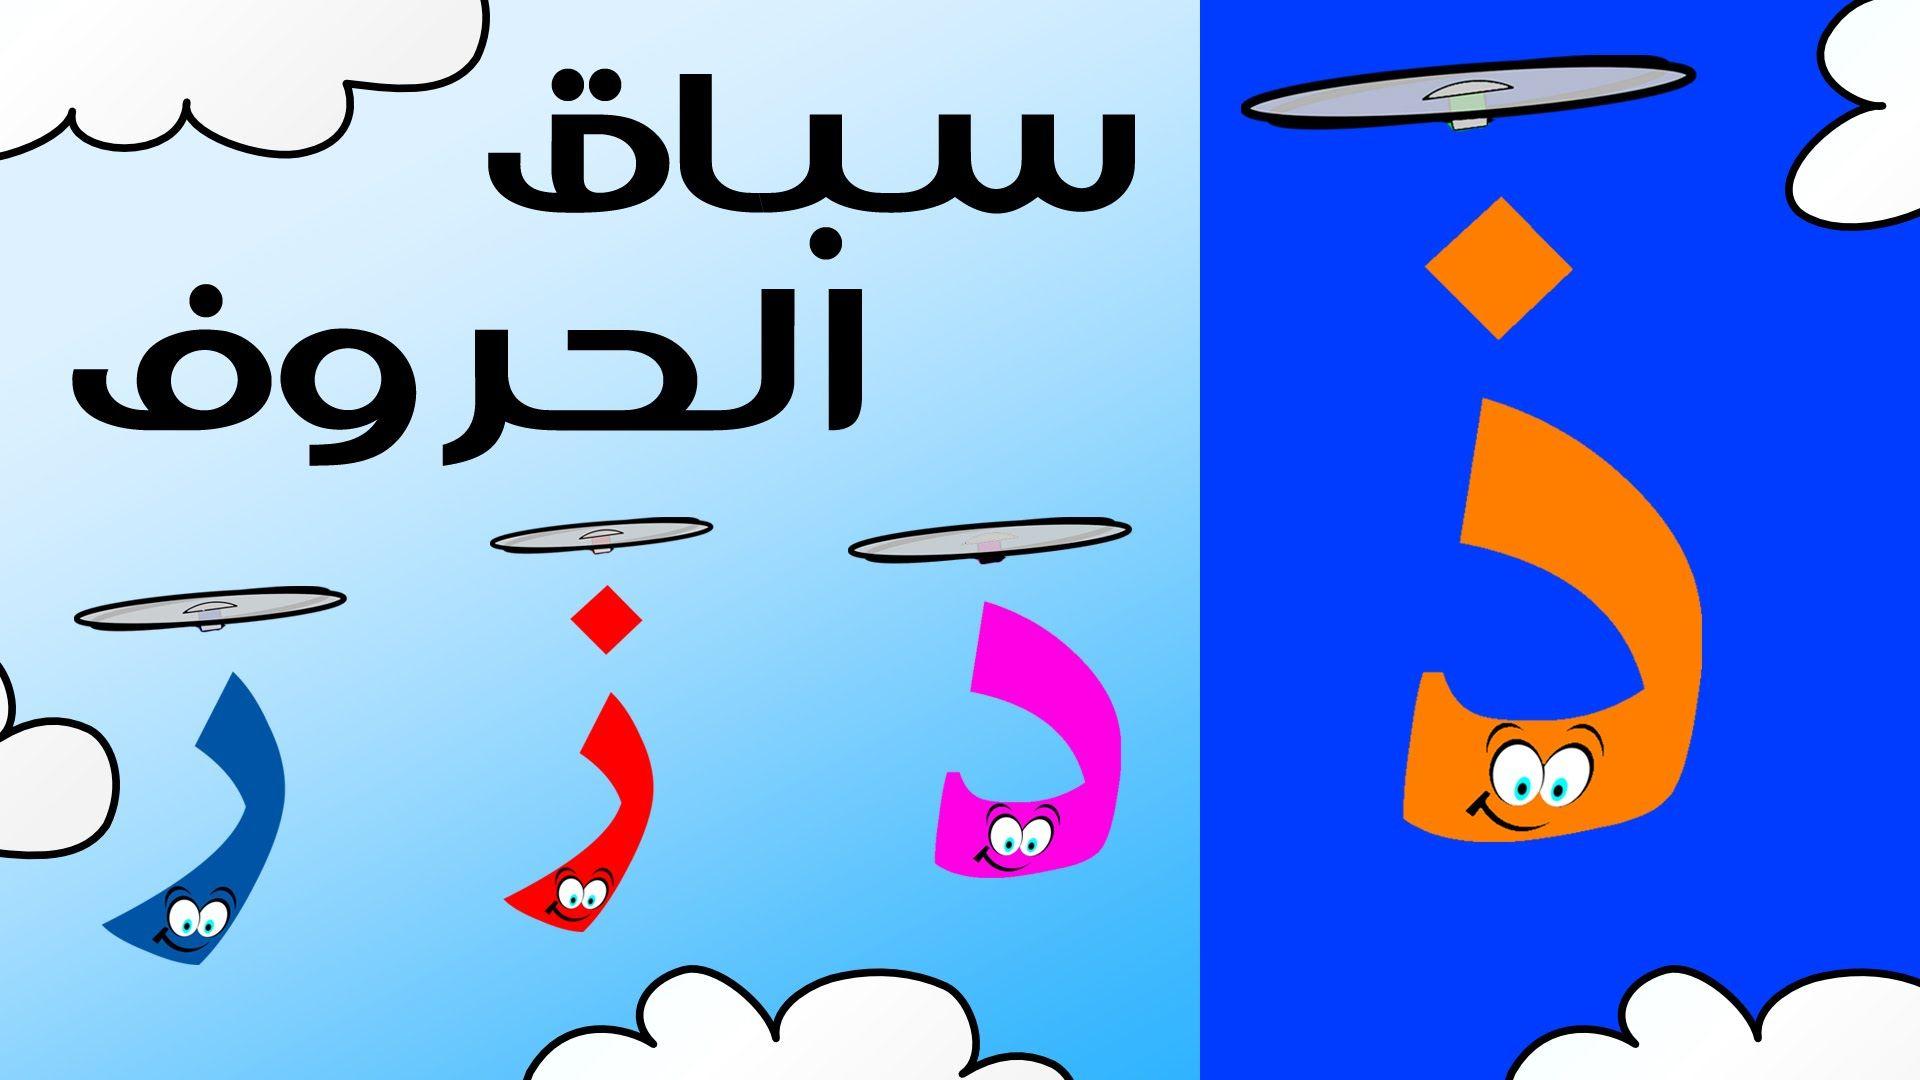 تعليم الحروف الهجائية العربية للأطفال حرف الذال ذ مع سوبر جميل Arabic Al Youtube Gaming Logos Logos